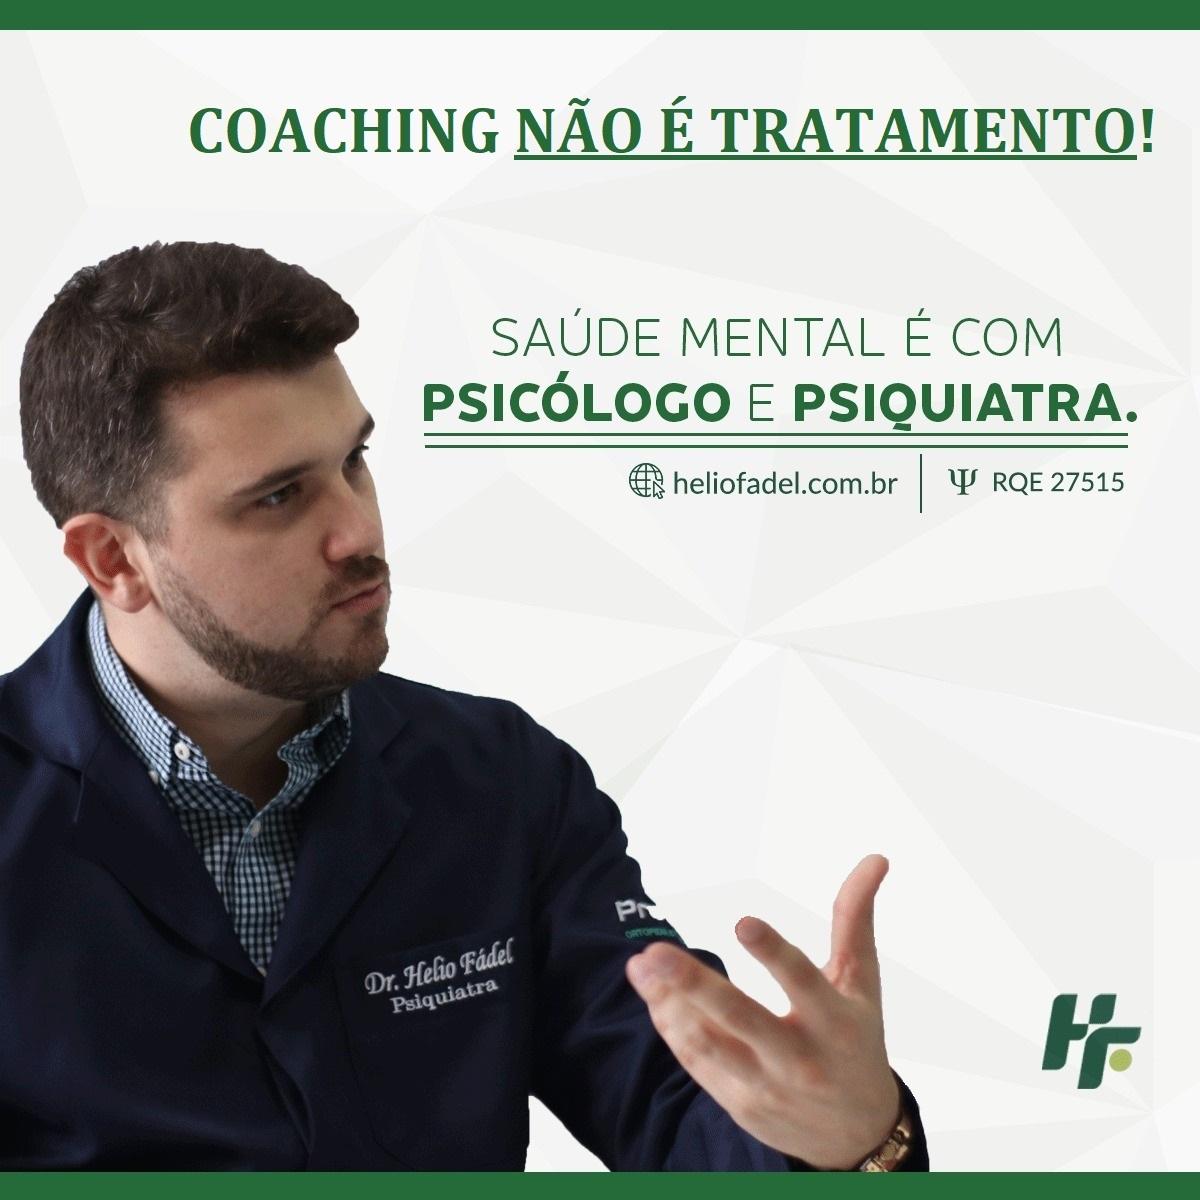 Coaching não é tratamento - Saúde mental não se trata com Coaching